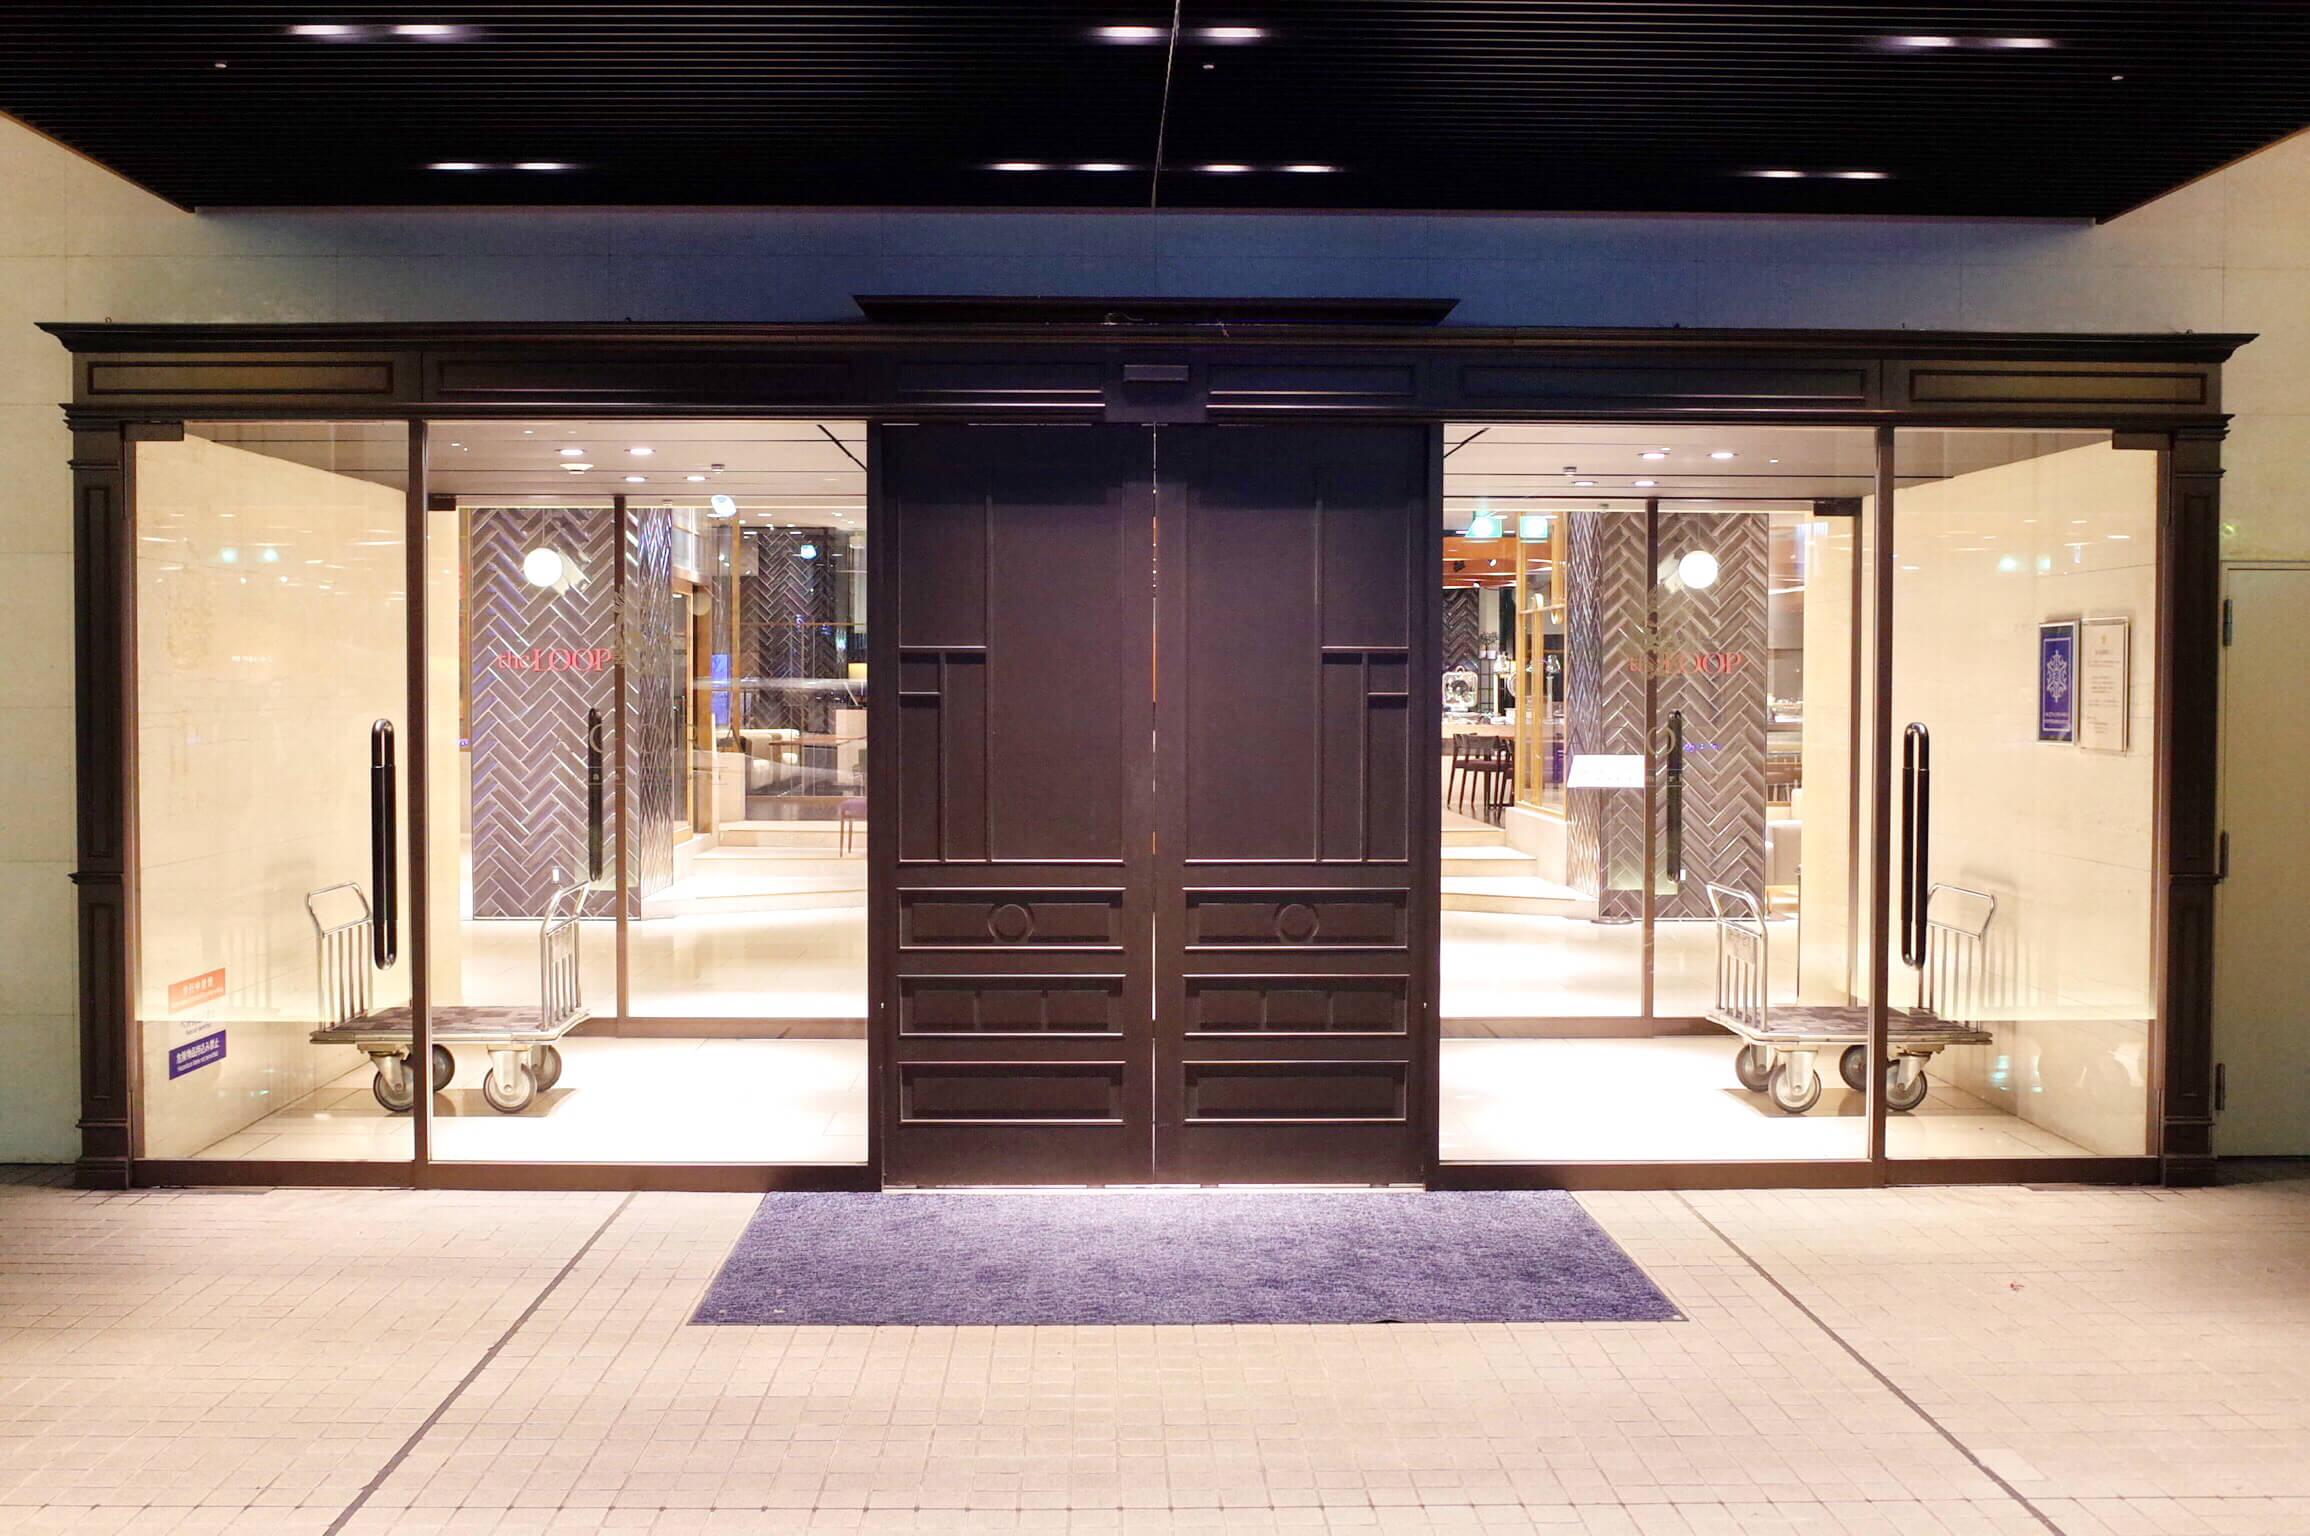 アゴーラ大阪守口|ウェディングができるホテルは部屋も豪華で居心地がいい!京阪線守口市駅から近くて超便利!